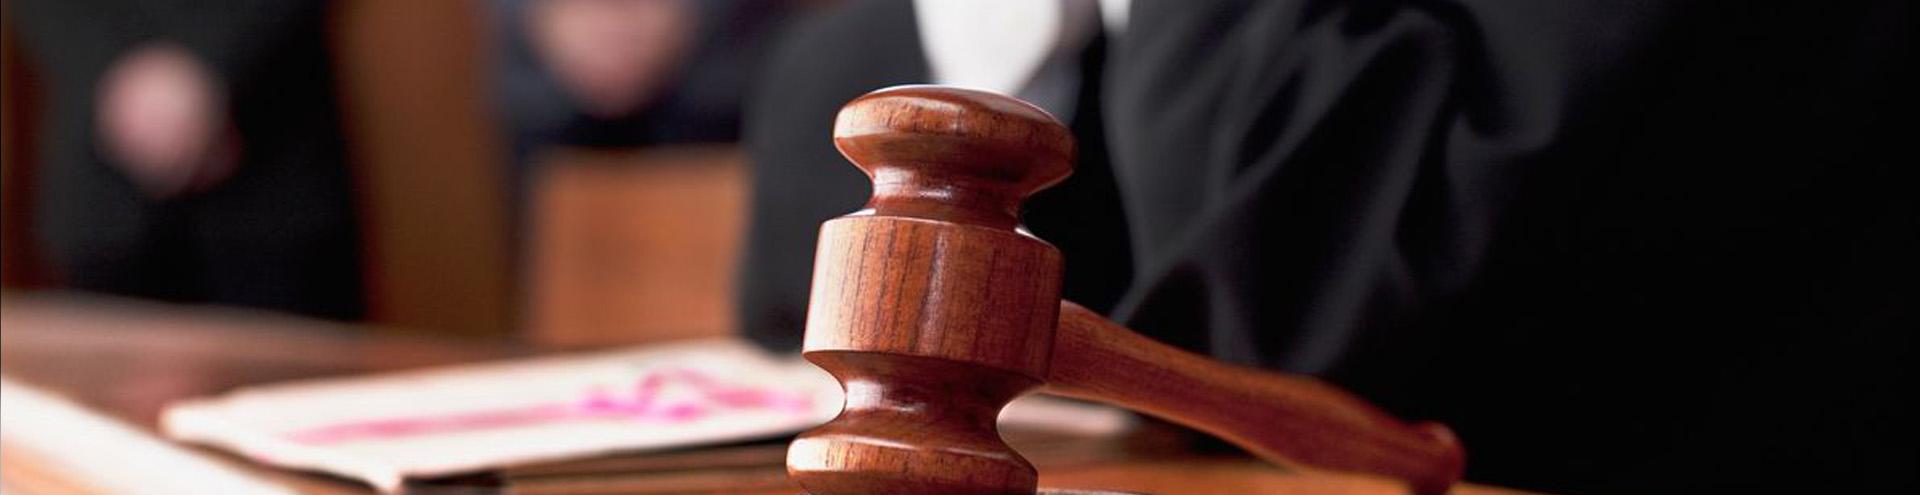 апелляционная жалоба в Оренбурге и Оренбургской области